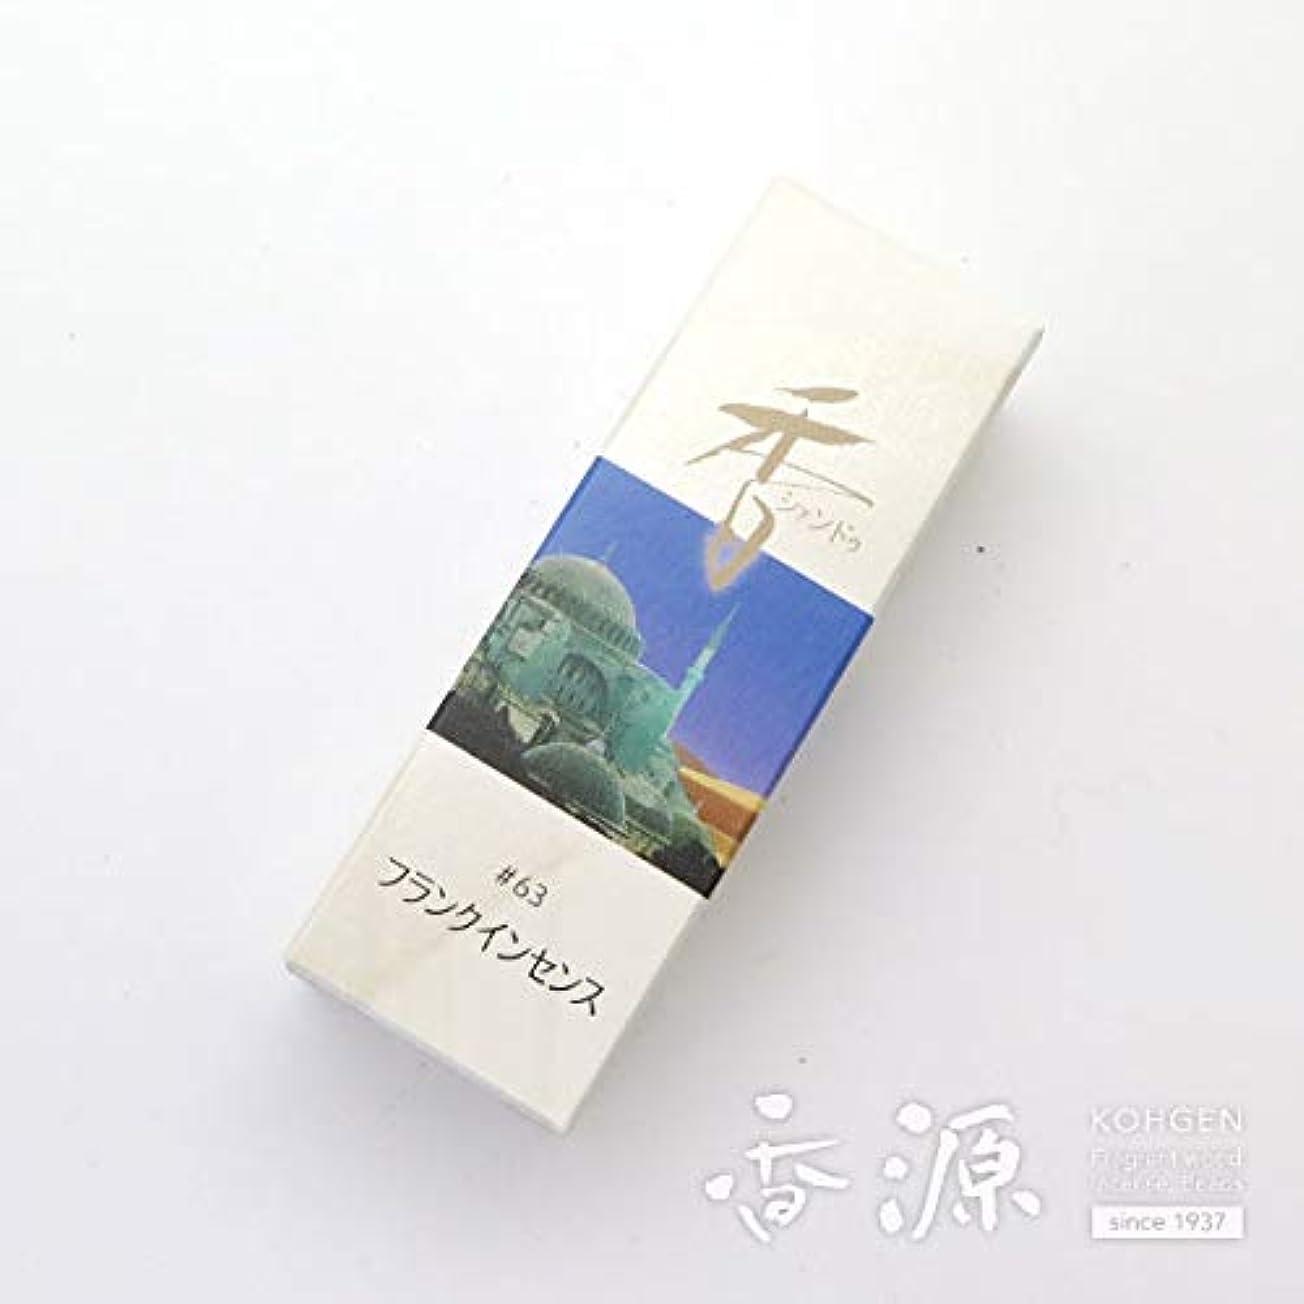 遠足共同選択警察署Xiang Do(シャンドゥ) 松栄堂のお香 フランクインセンス ST20本入 簡易香立付 #214263